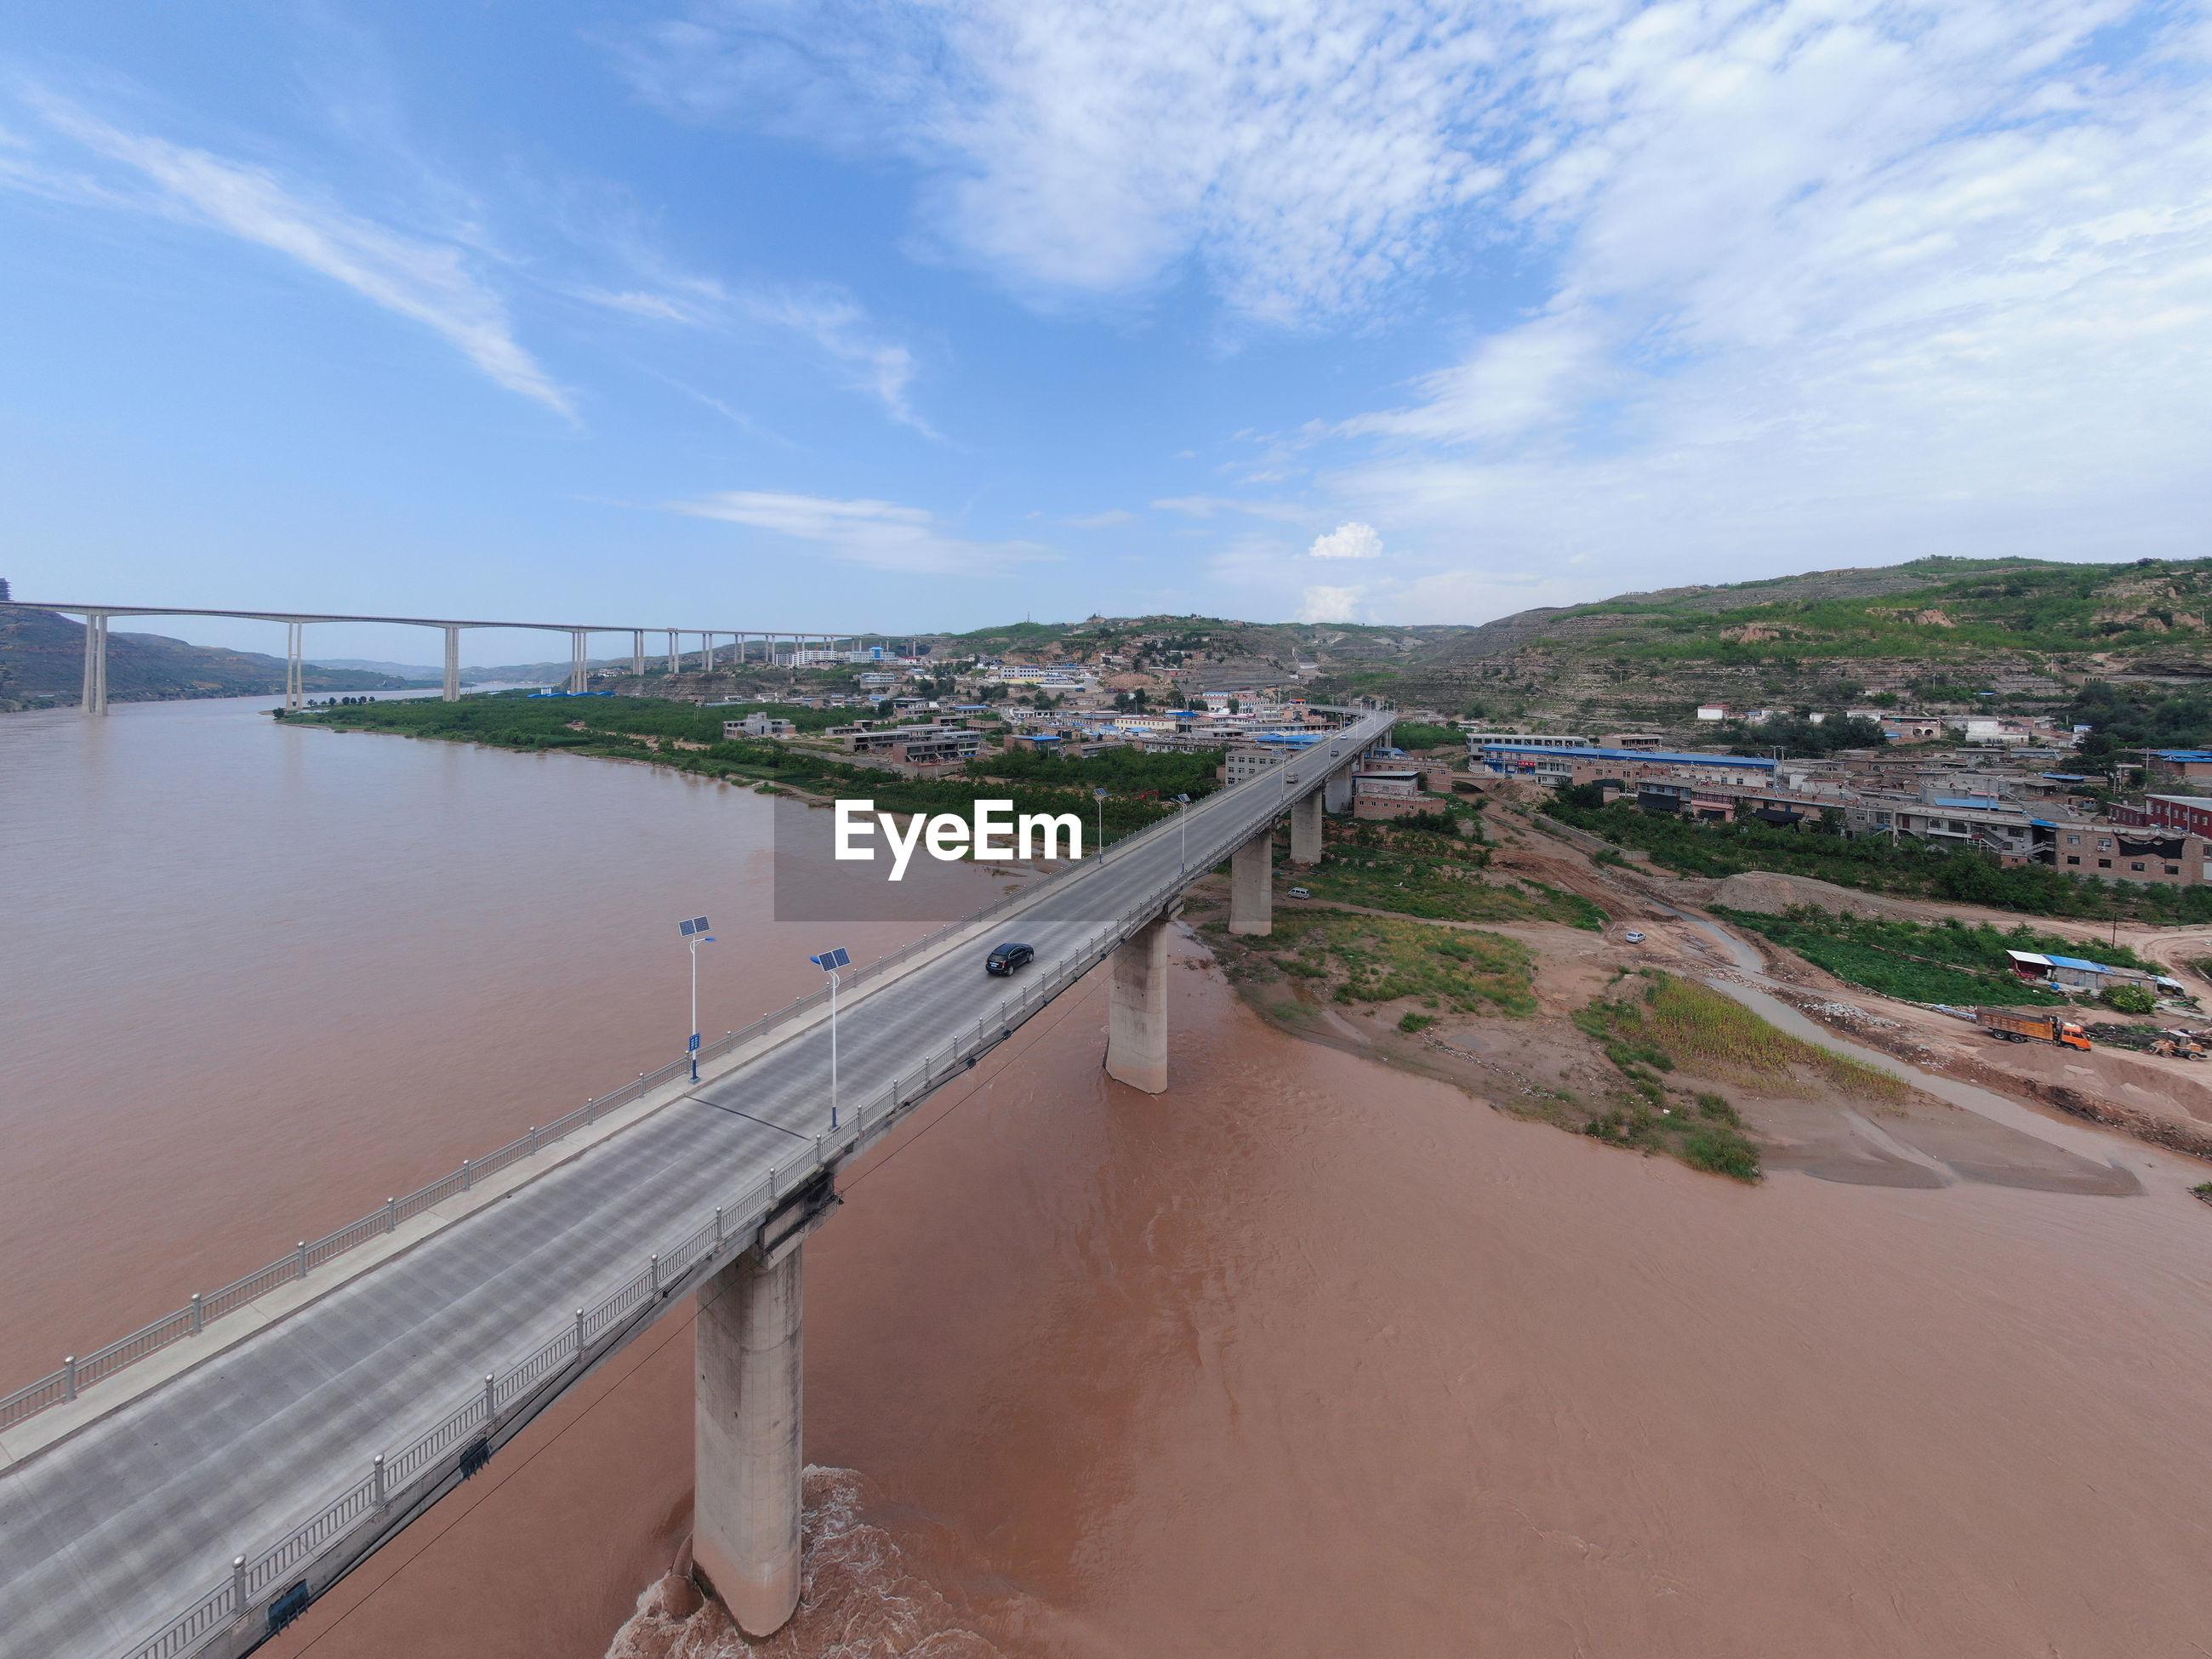 PANORAMIC VIEW OF BRIDGE OVER ROAD AGAINST SKY